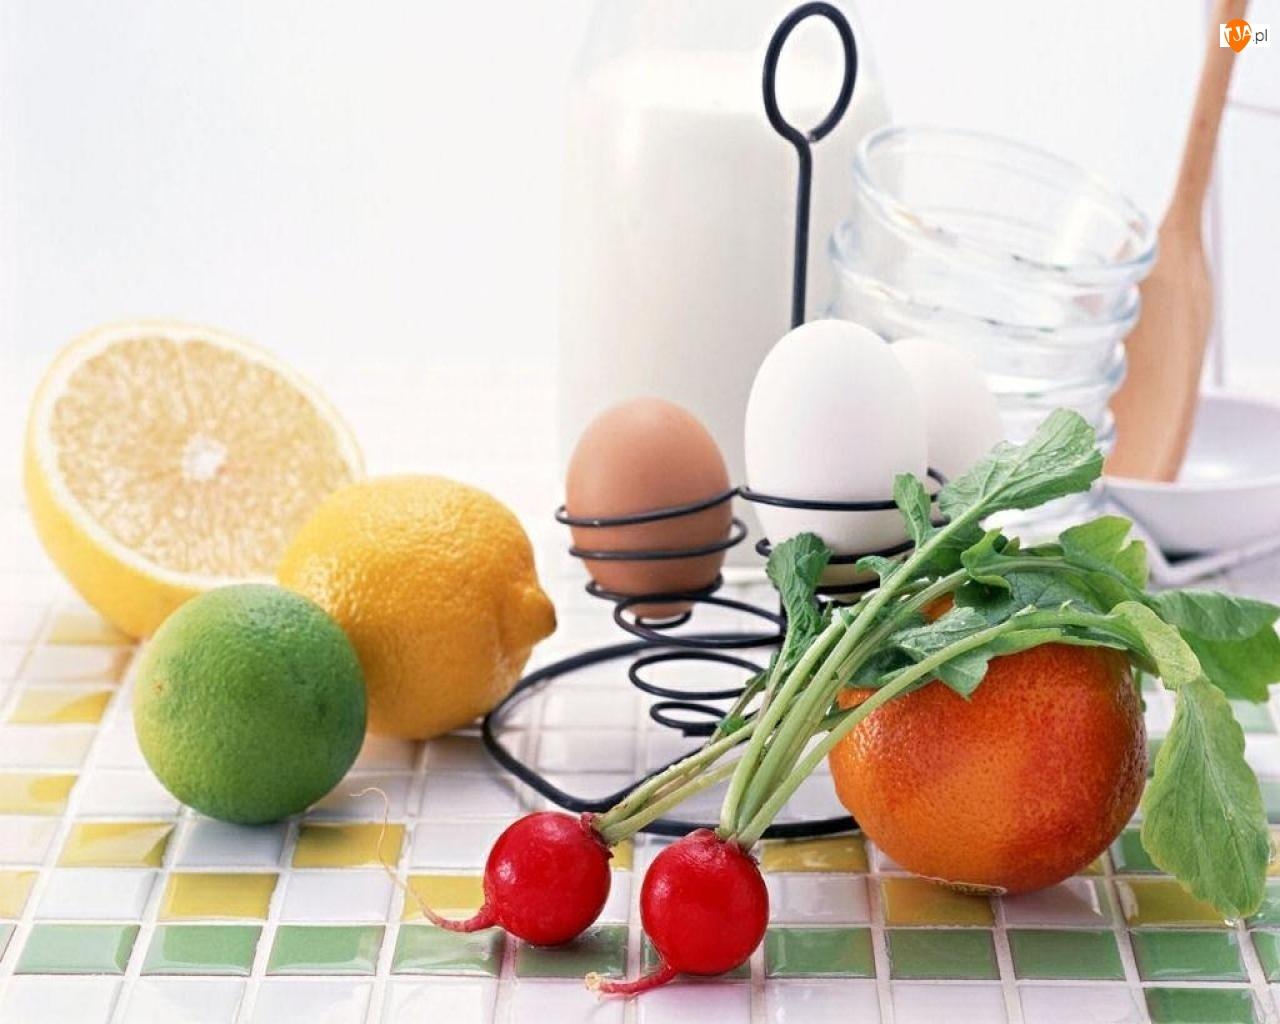 Śniadanie, Owoce, Warzywa